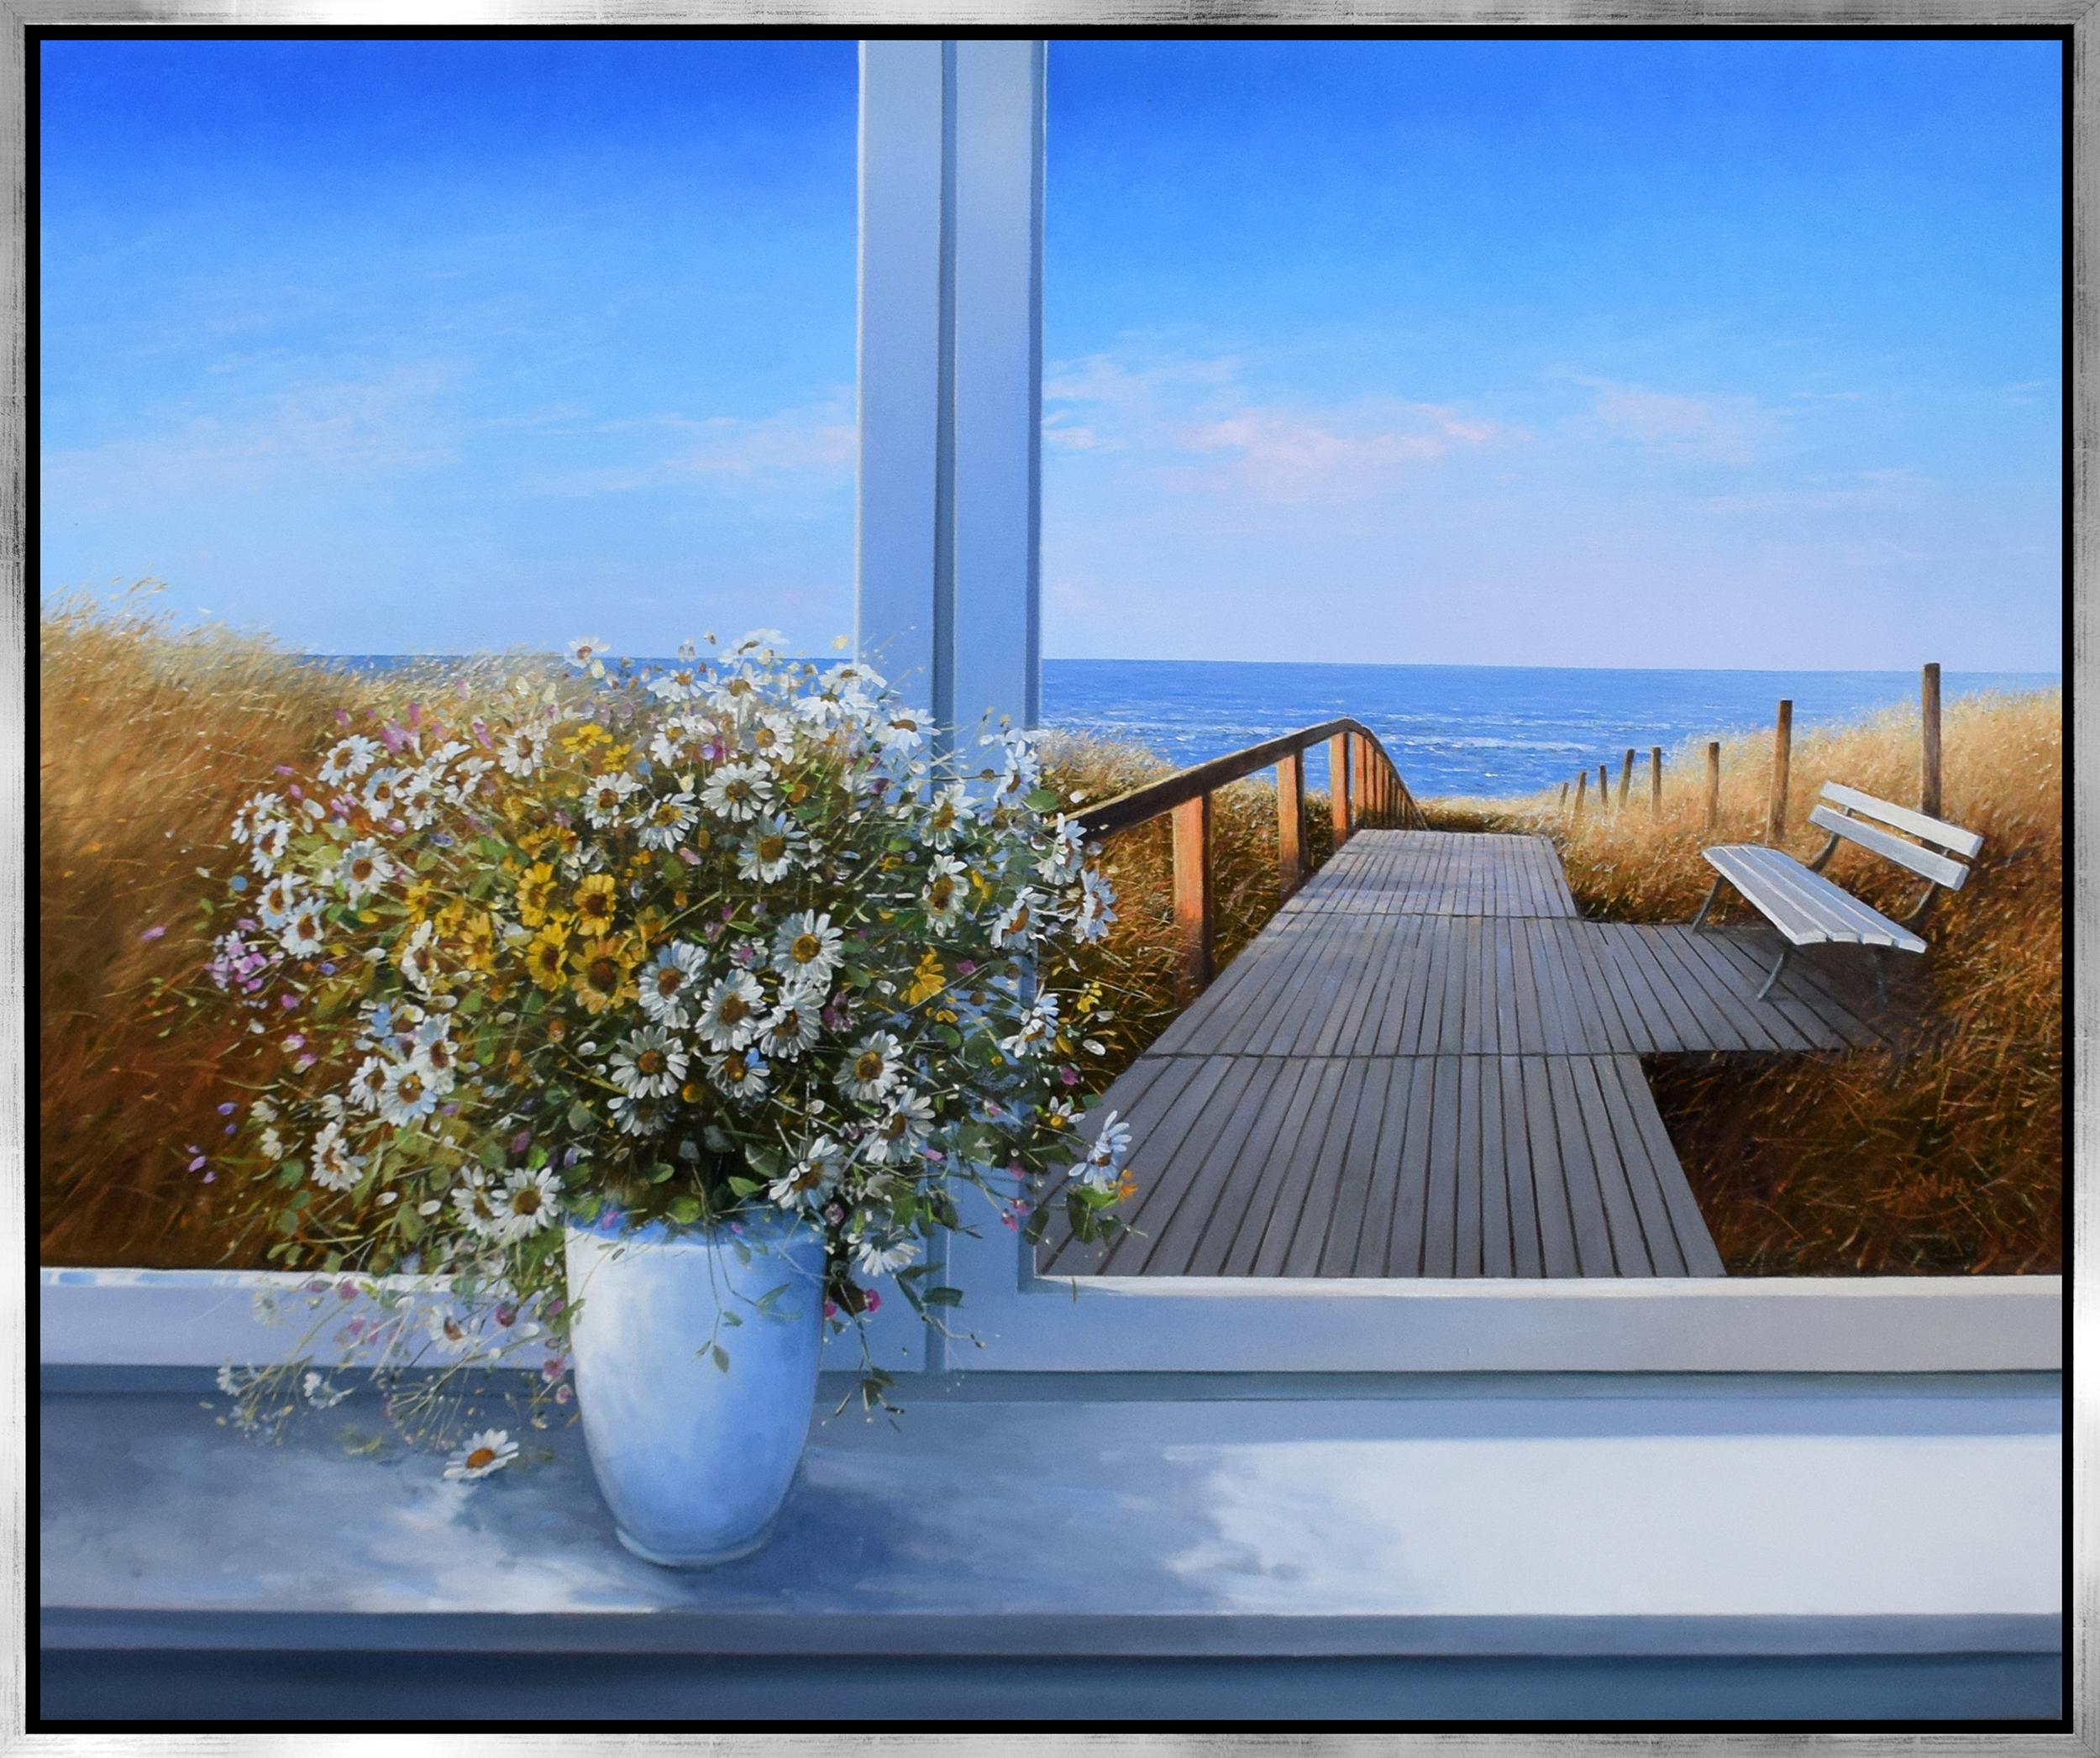 Detlef Rahn - Sommerstrauß am Fenster , 7838-006-038